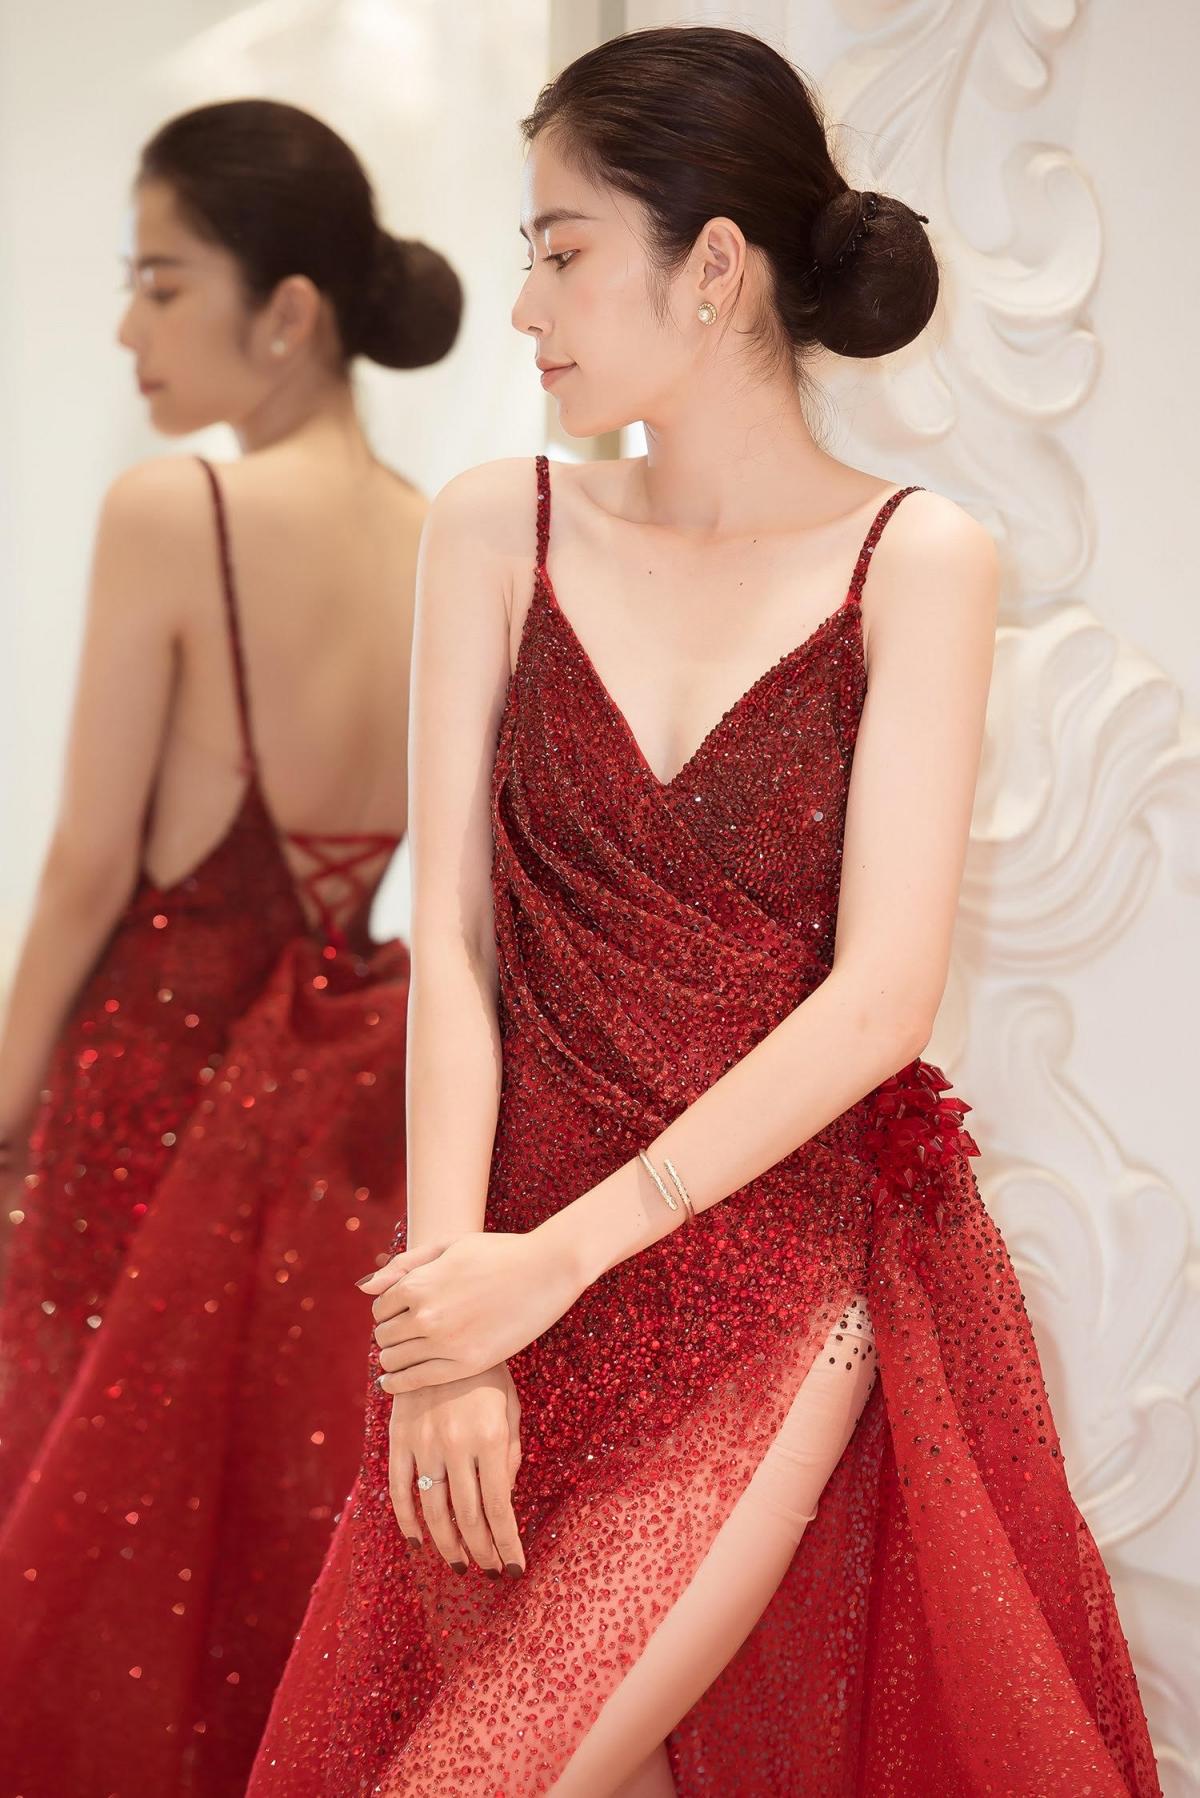 Cùng với đó, Nam Em cũng diện một bộ váy dự tiệc sang trọng.